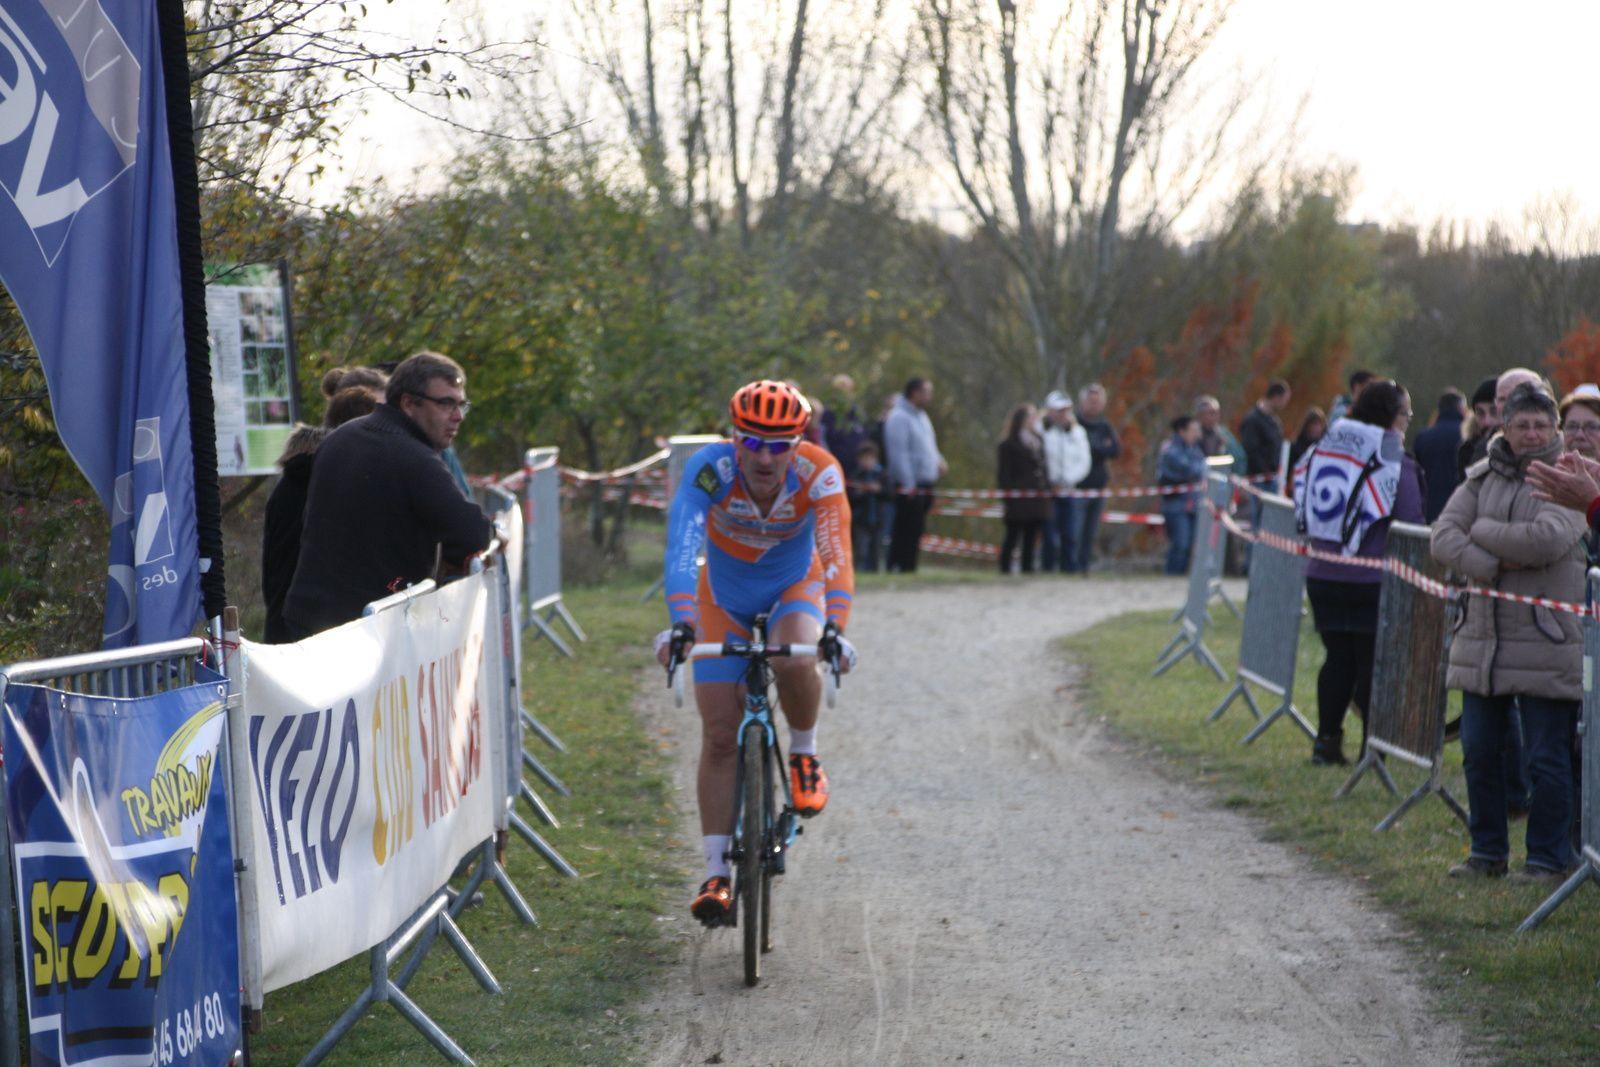 14e  David  CRON(UVA), 15e  Patrick  BREGIERE (EC 3M), 17e  Julien  RANSINANGUE(VCCO), 20e  Leo  MOINET(VCC  Marennes).